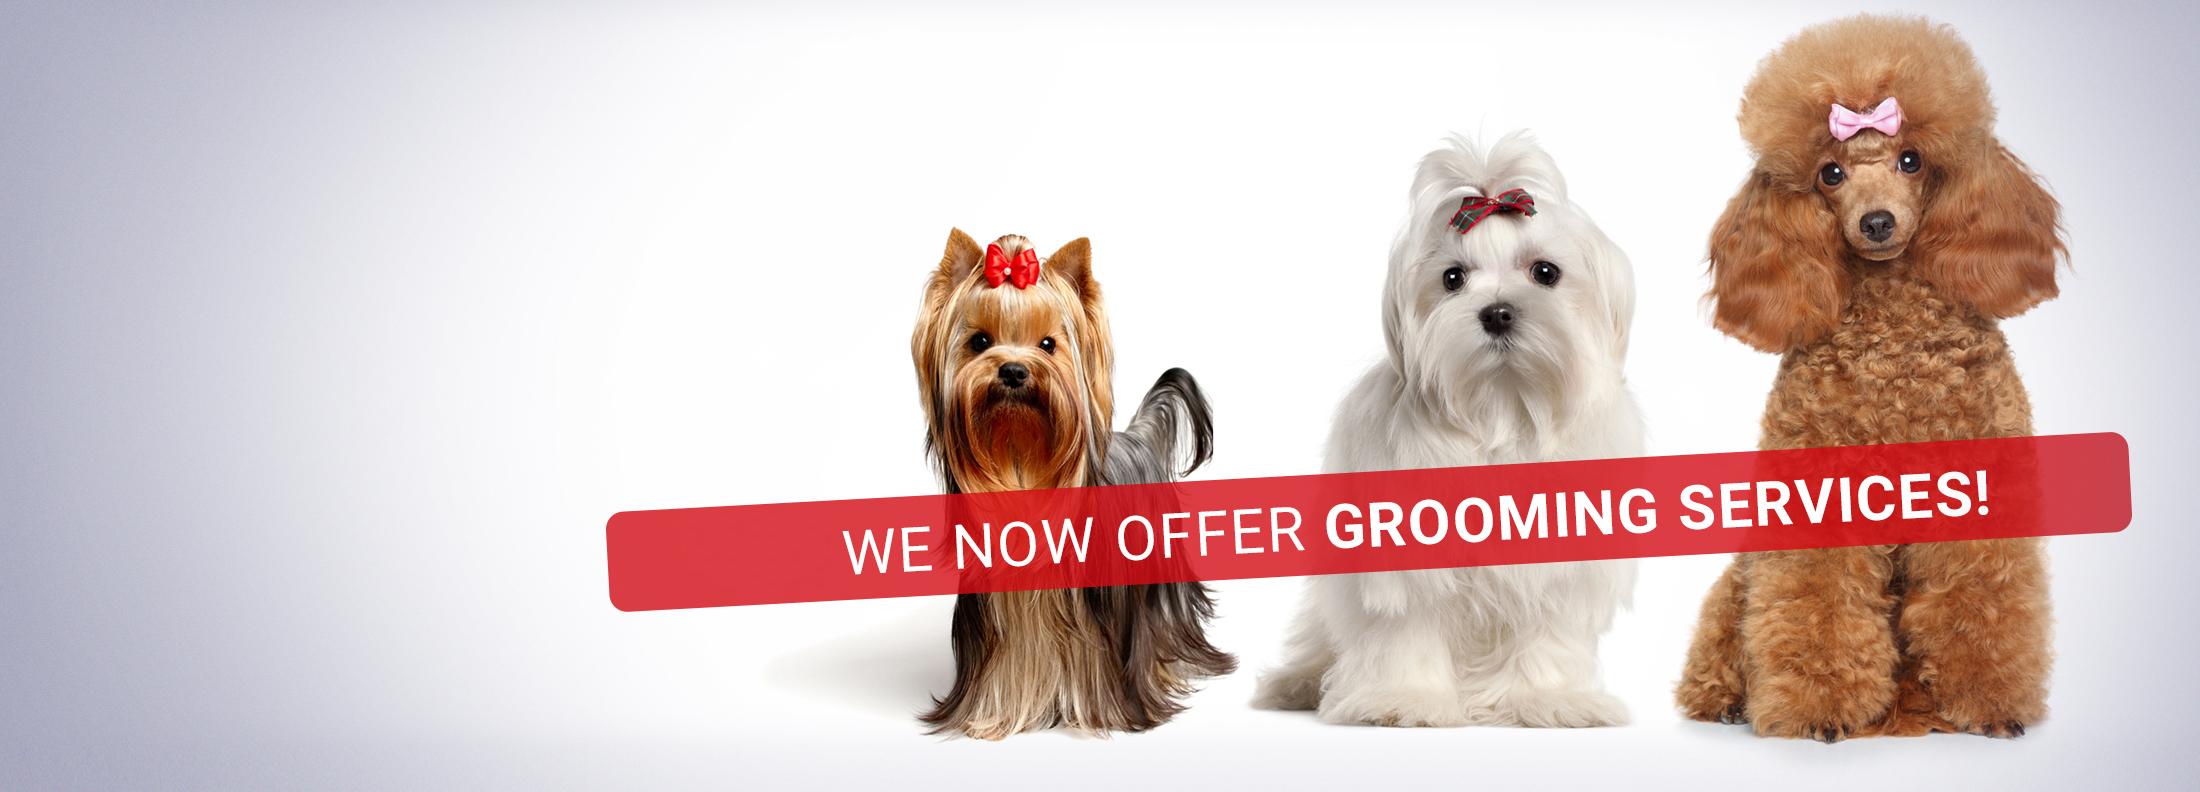 slider-grooming-1